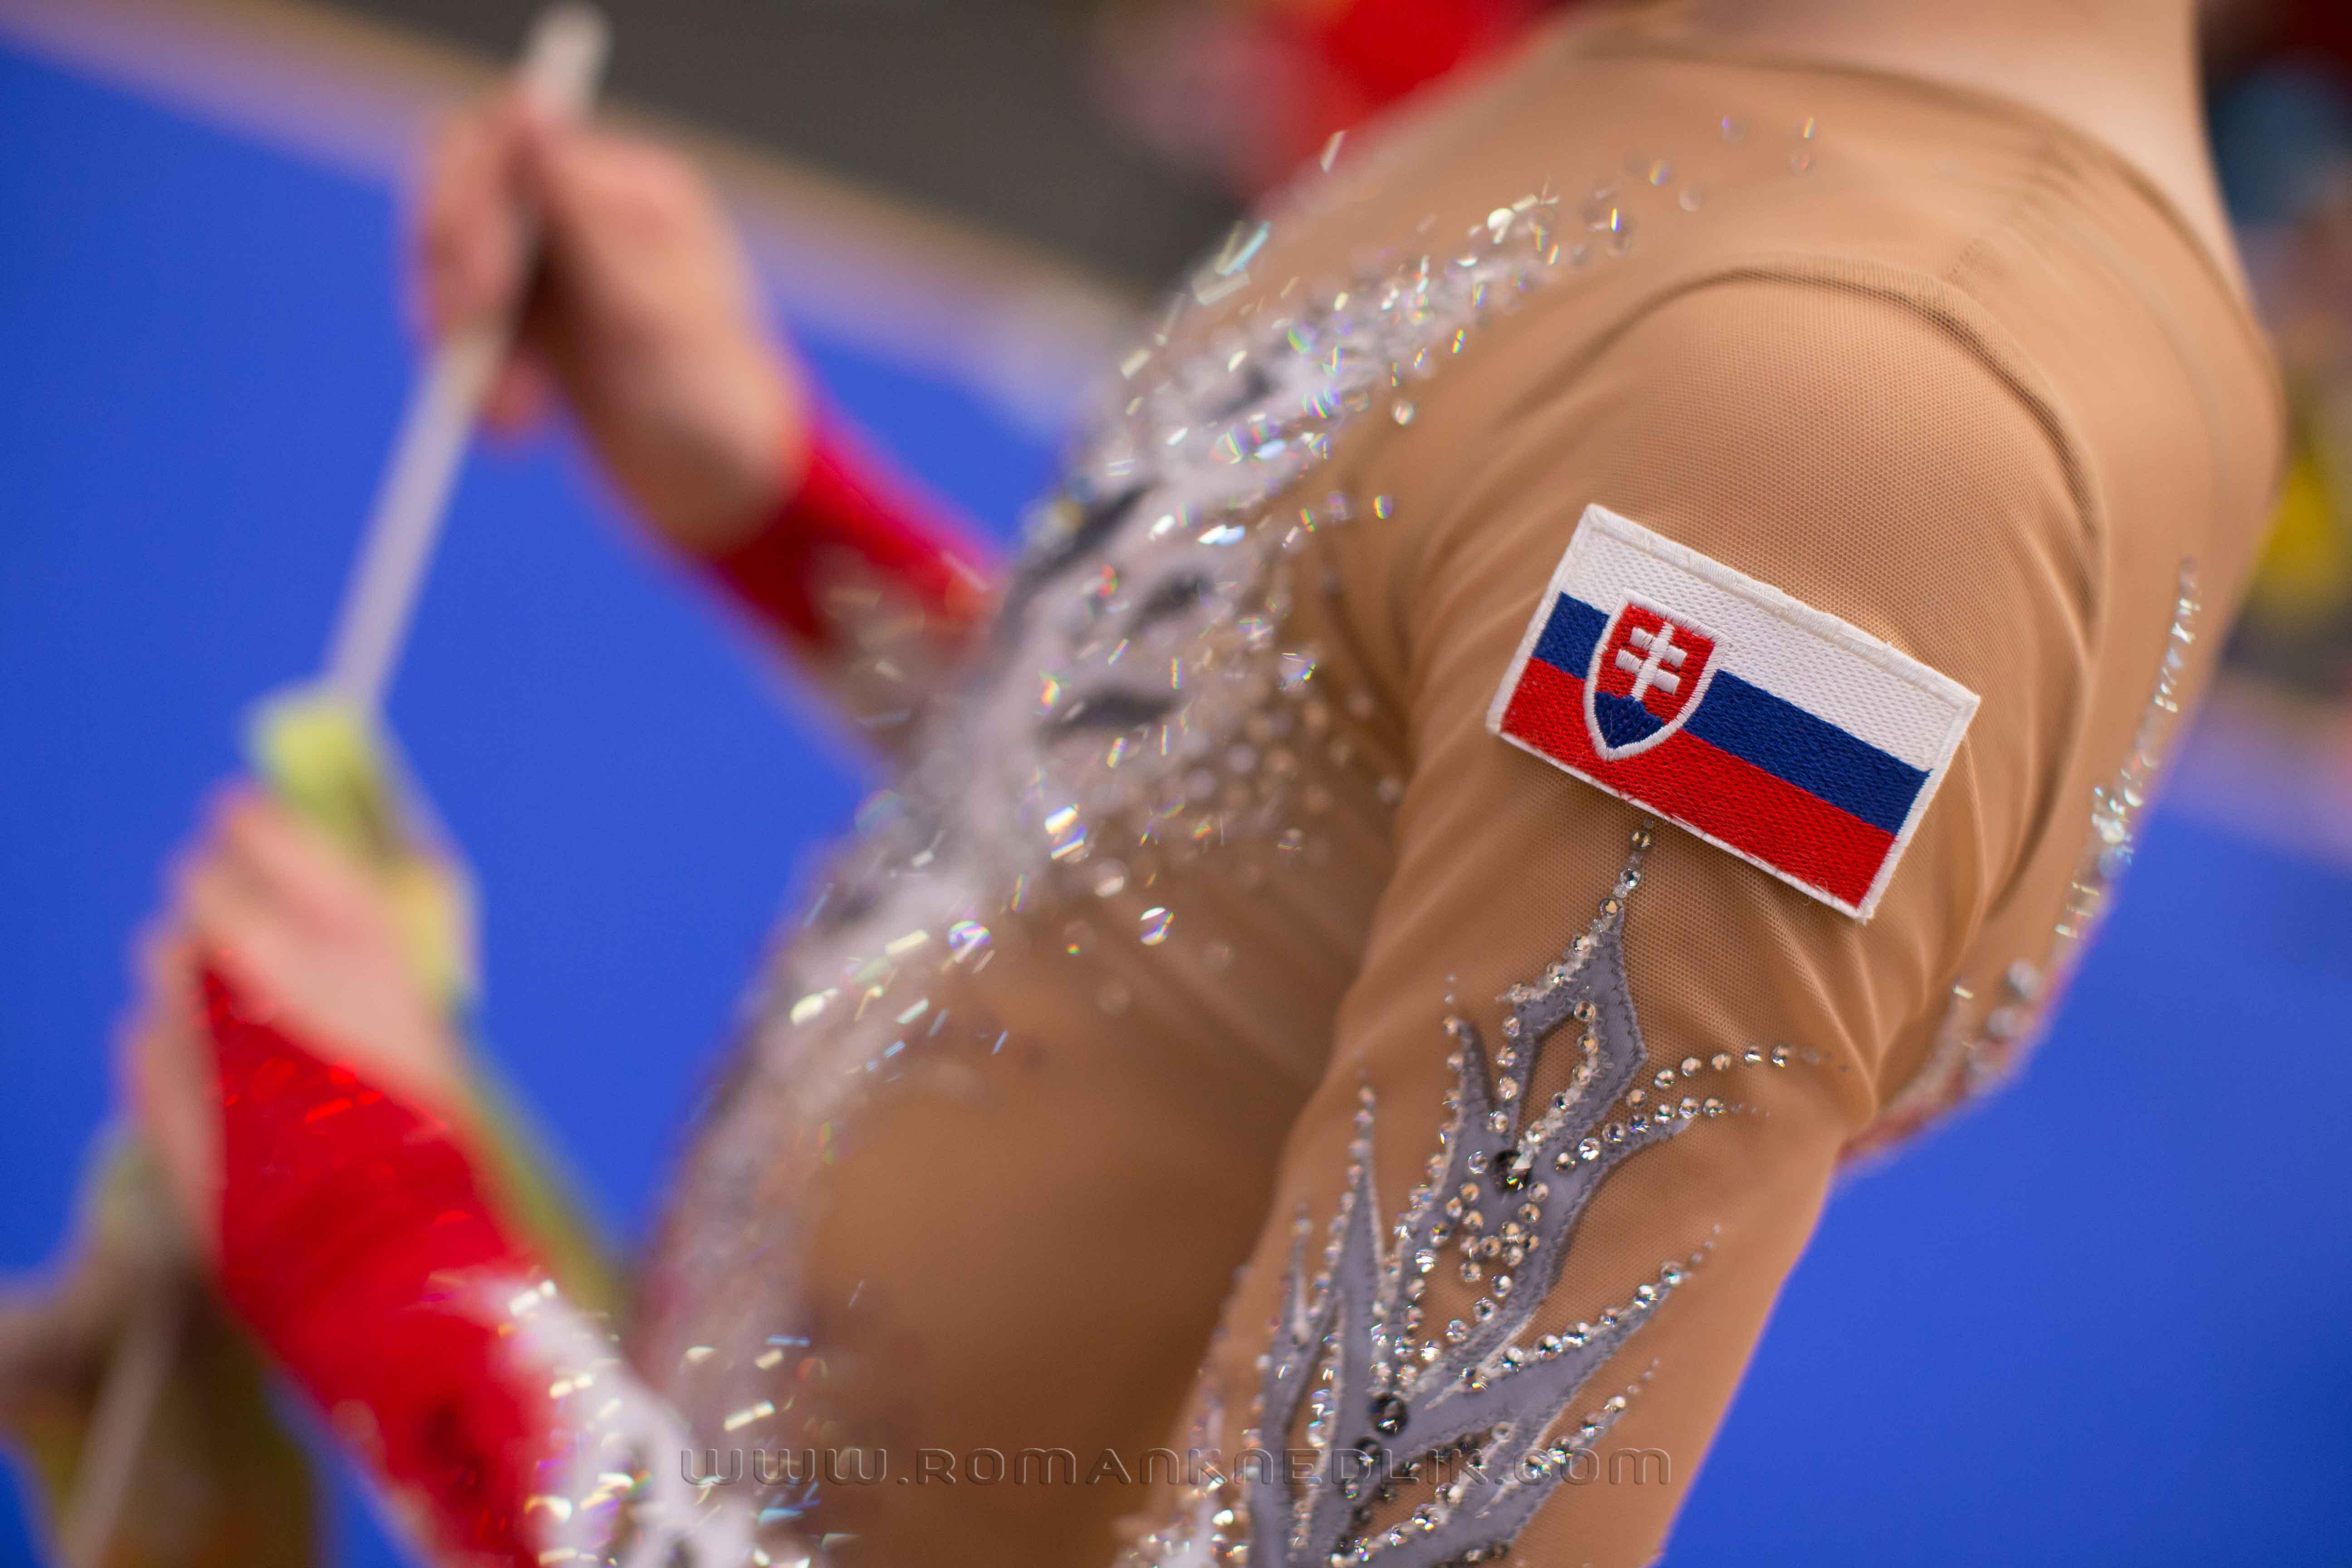 Carlsbad_RG_Cup_2017-36